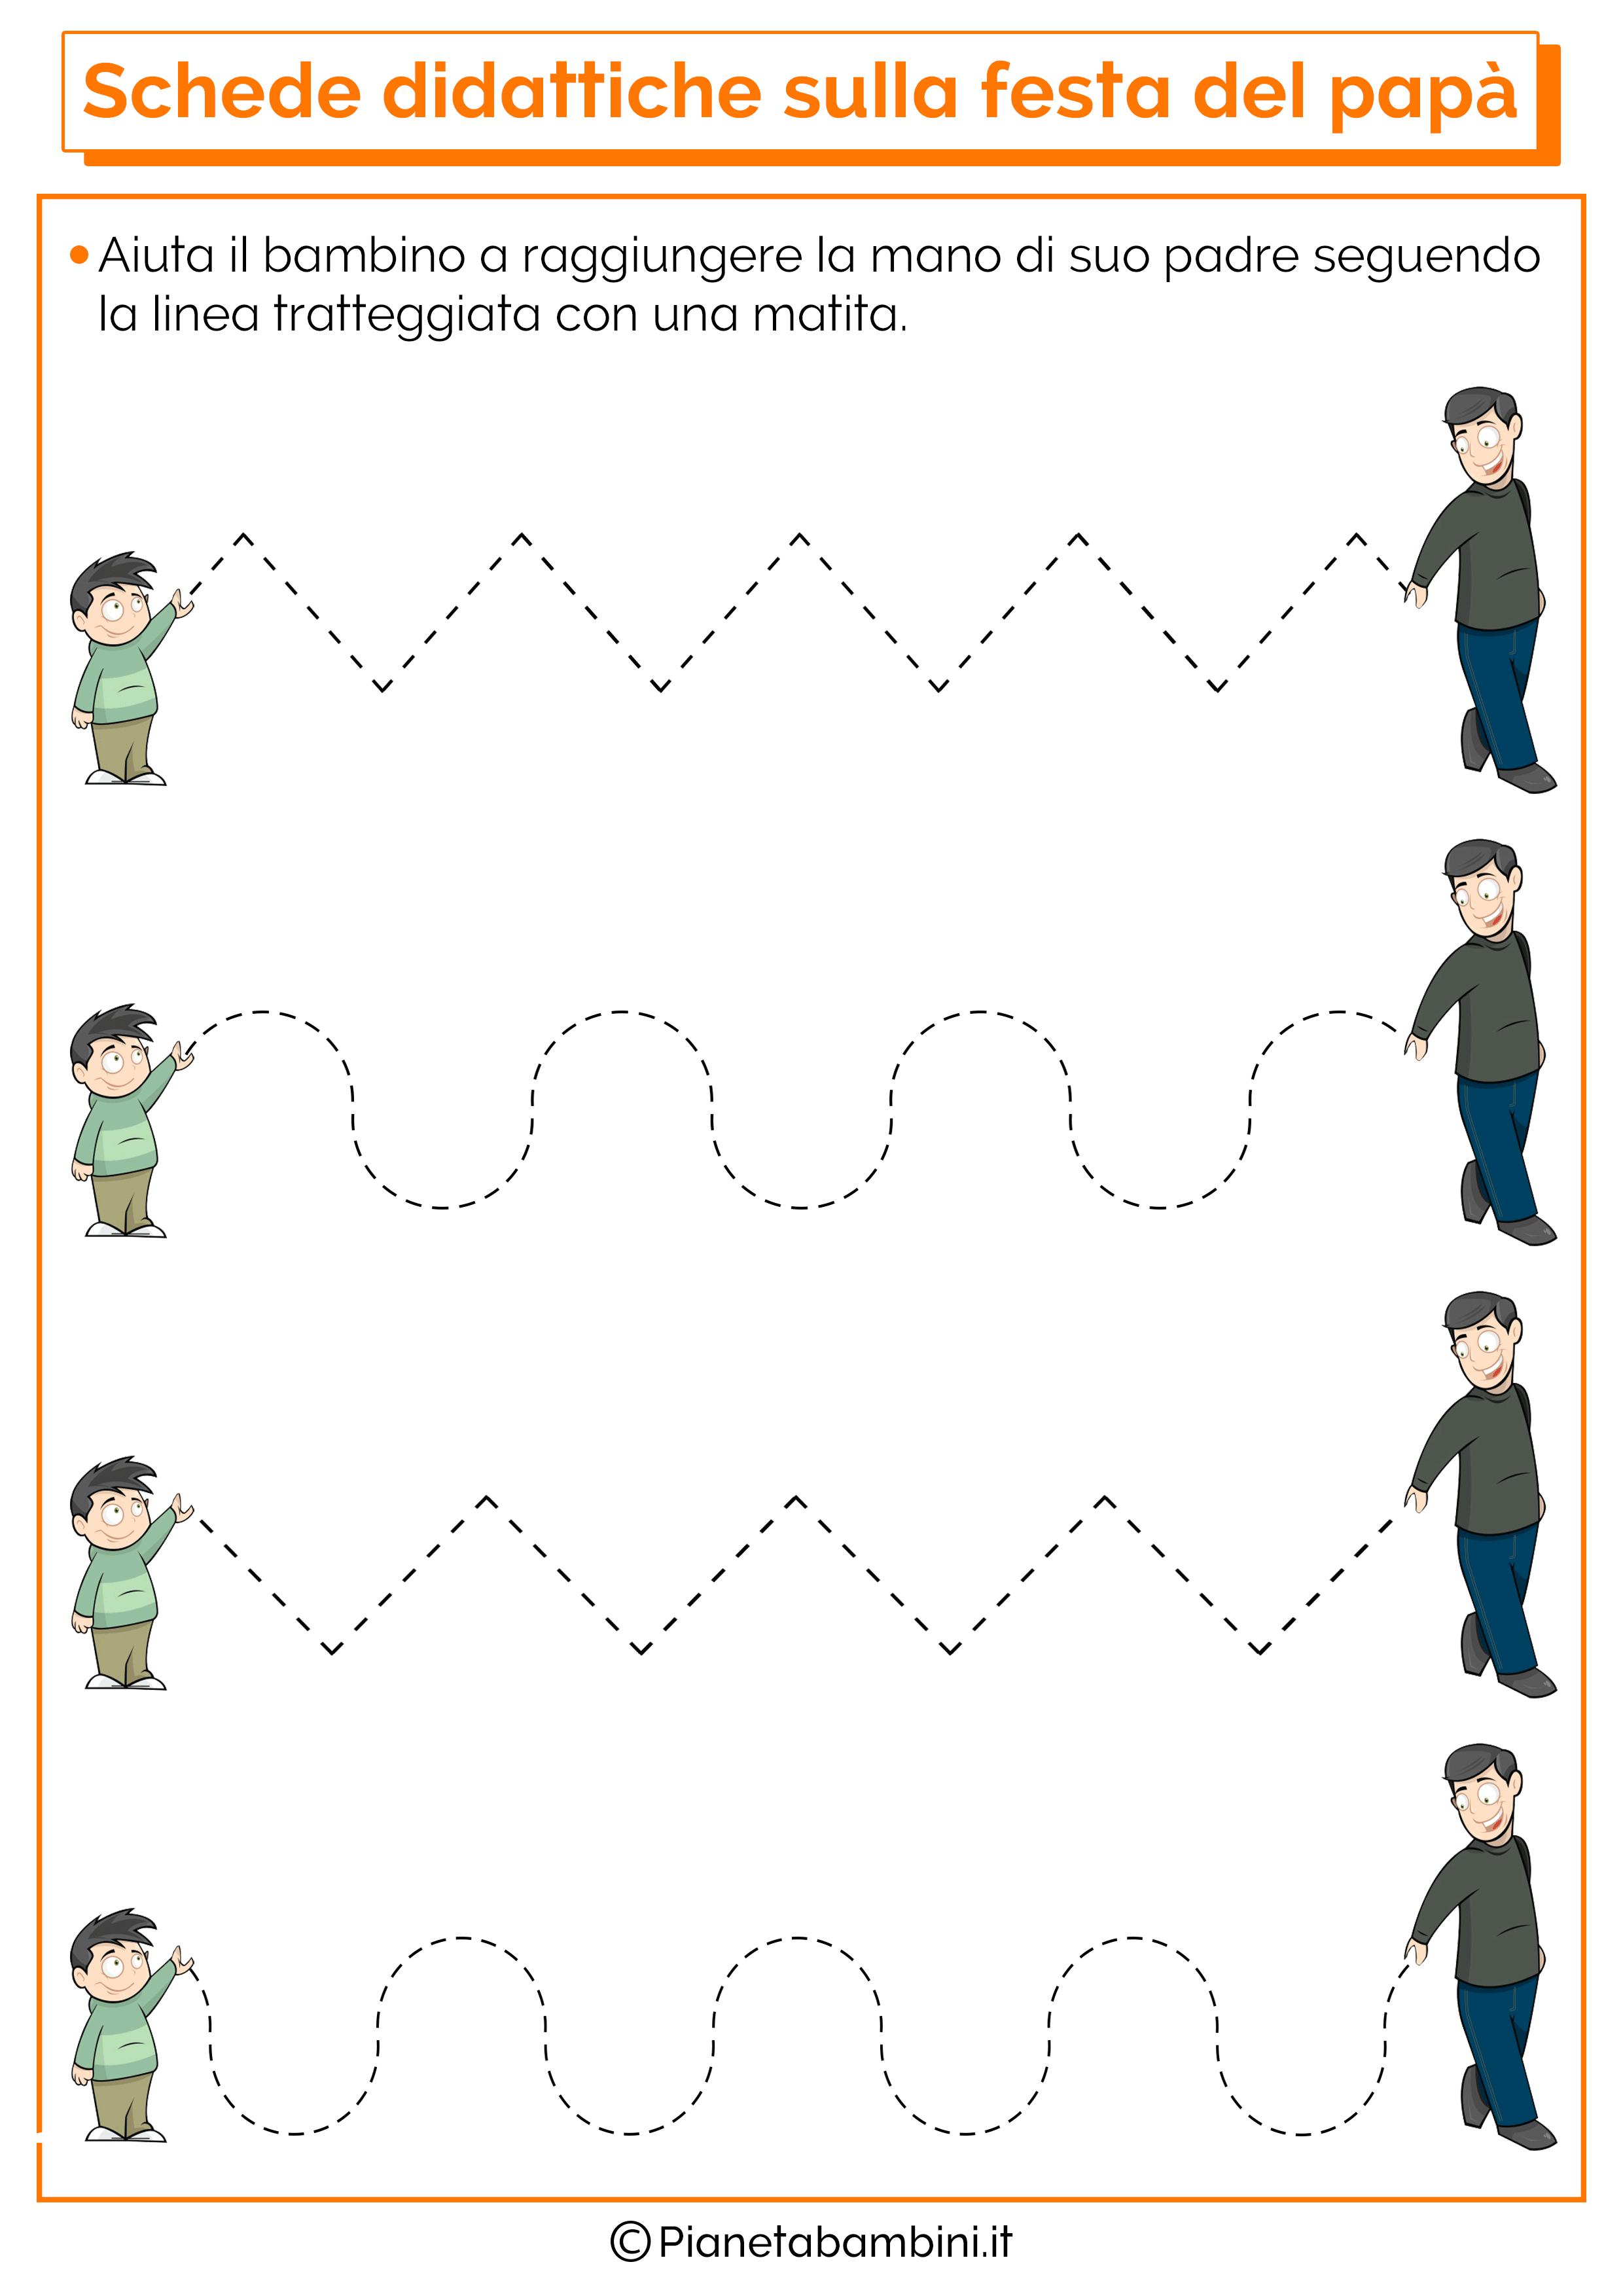 Scheda didattica sulla festa del papà per la scuola dell'infanzia 4